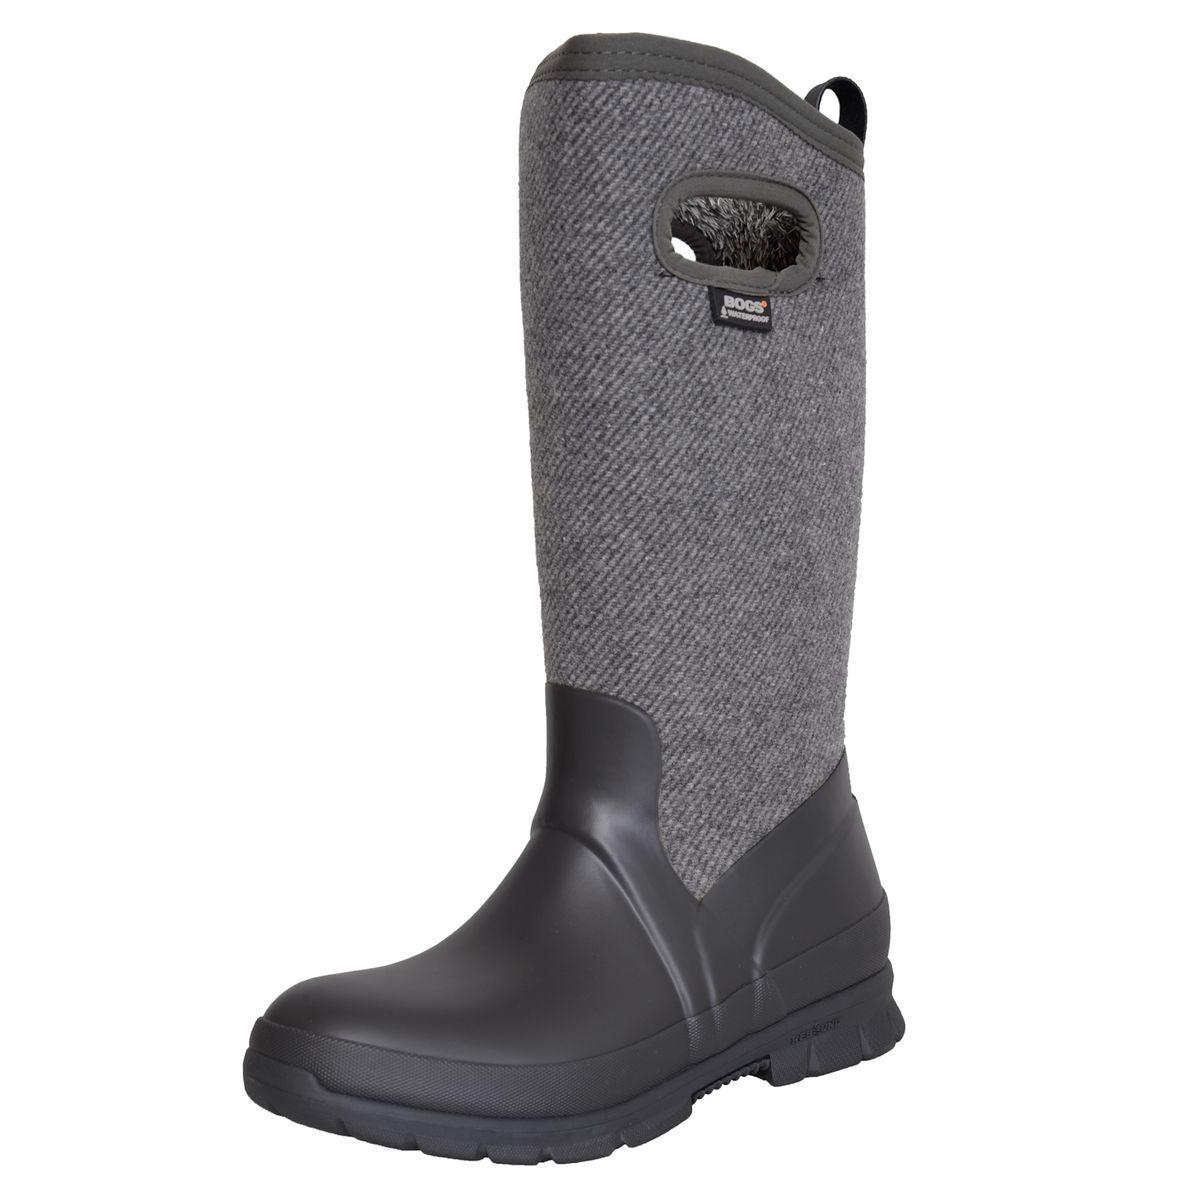 Gefütterter Herbst / Winter Stiefel in Grau von BOGS günstig online kaufen